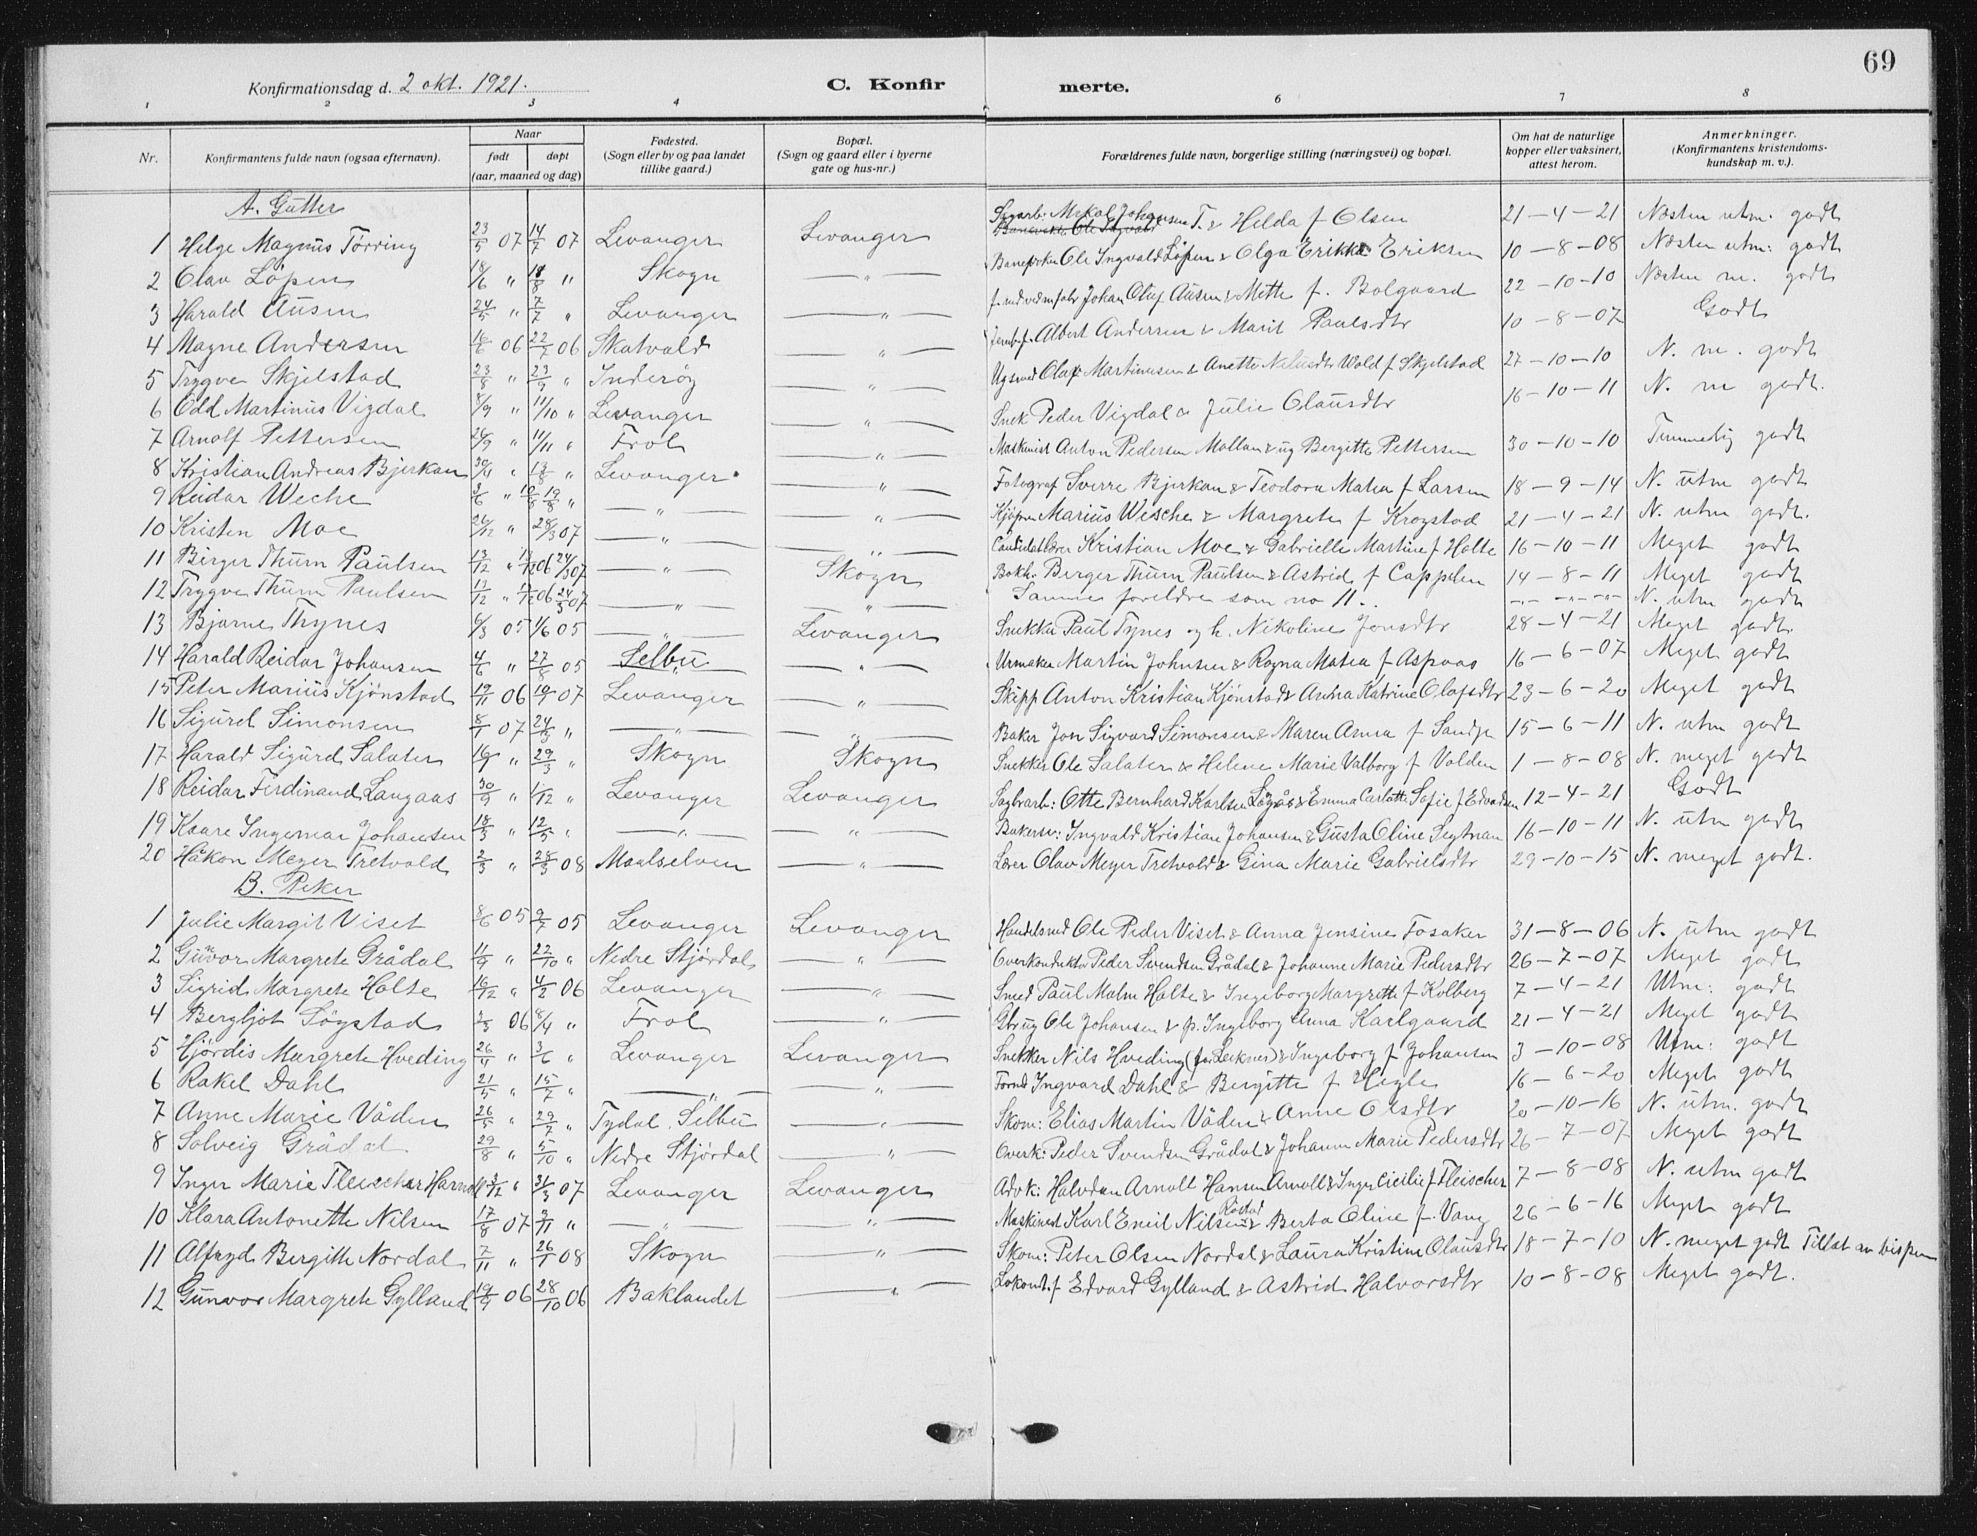 SAT, Ministerialprotokoller, klokkerbøker og fødselsregistre - Nord-Trøndelag, 720/L0193: Klokkerbok nr. 720C02, 1918-1941, s. 69